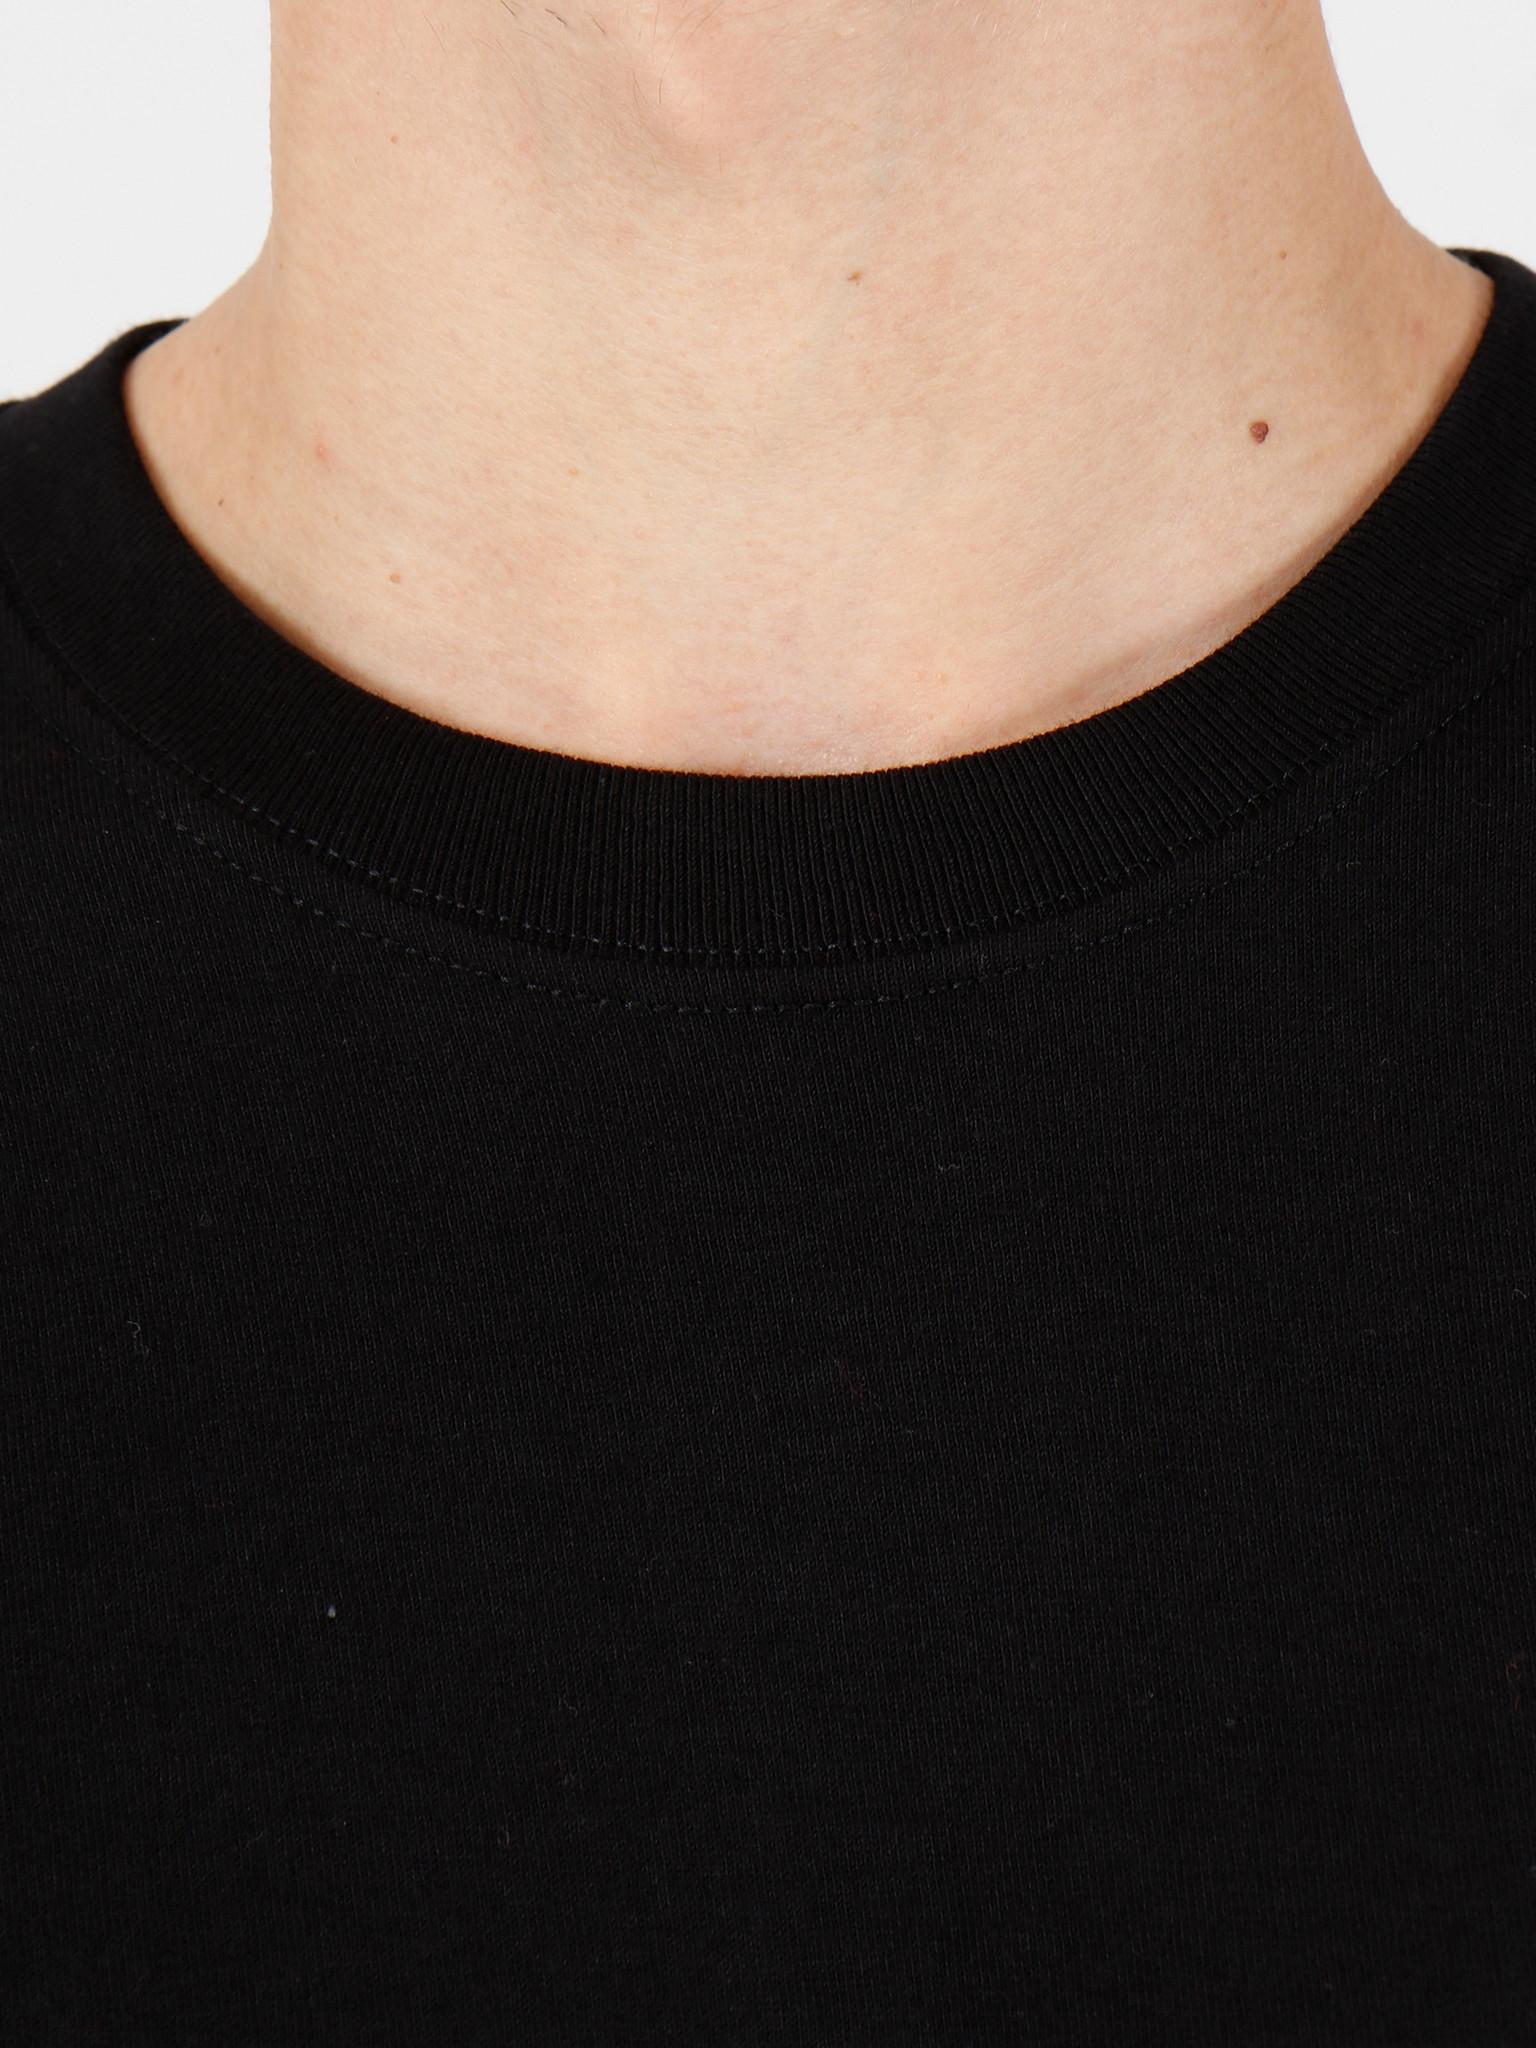 Stussy Stussy Deco Tee Black 1904471